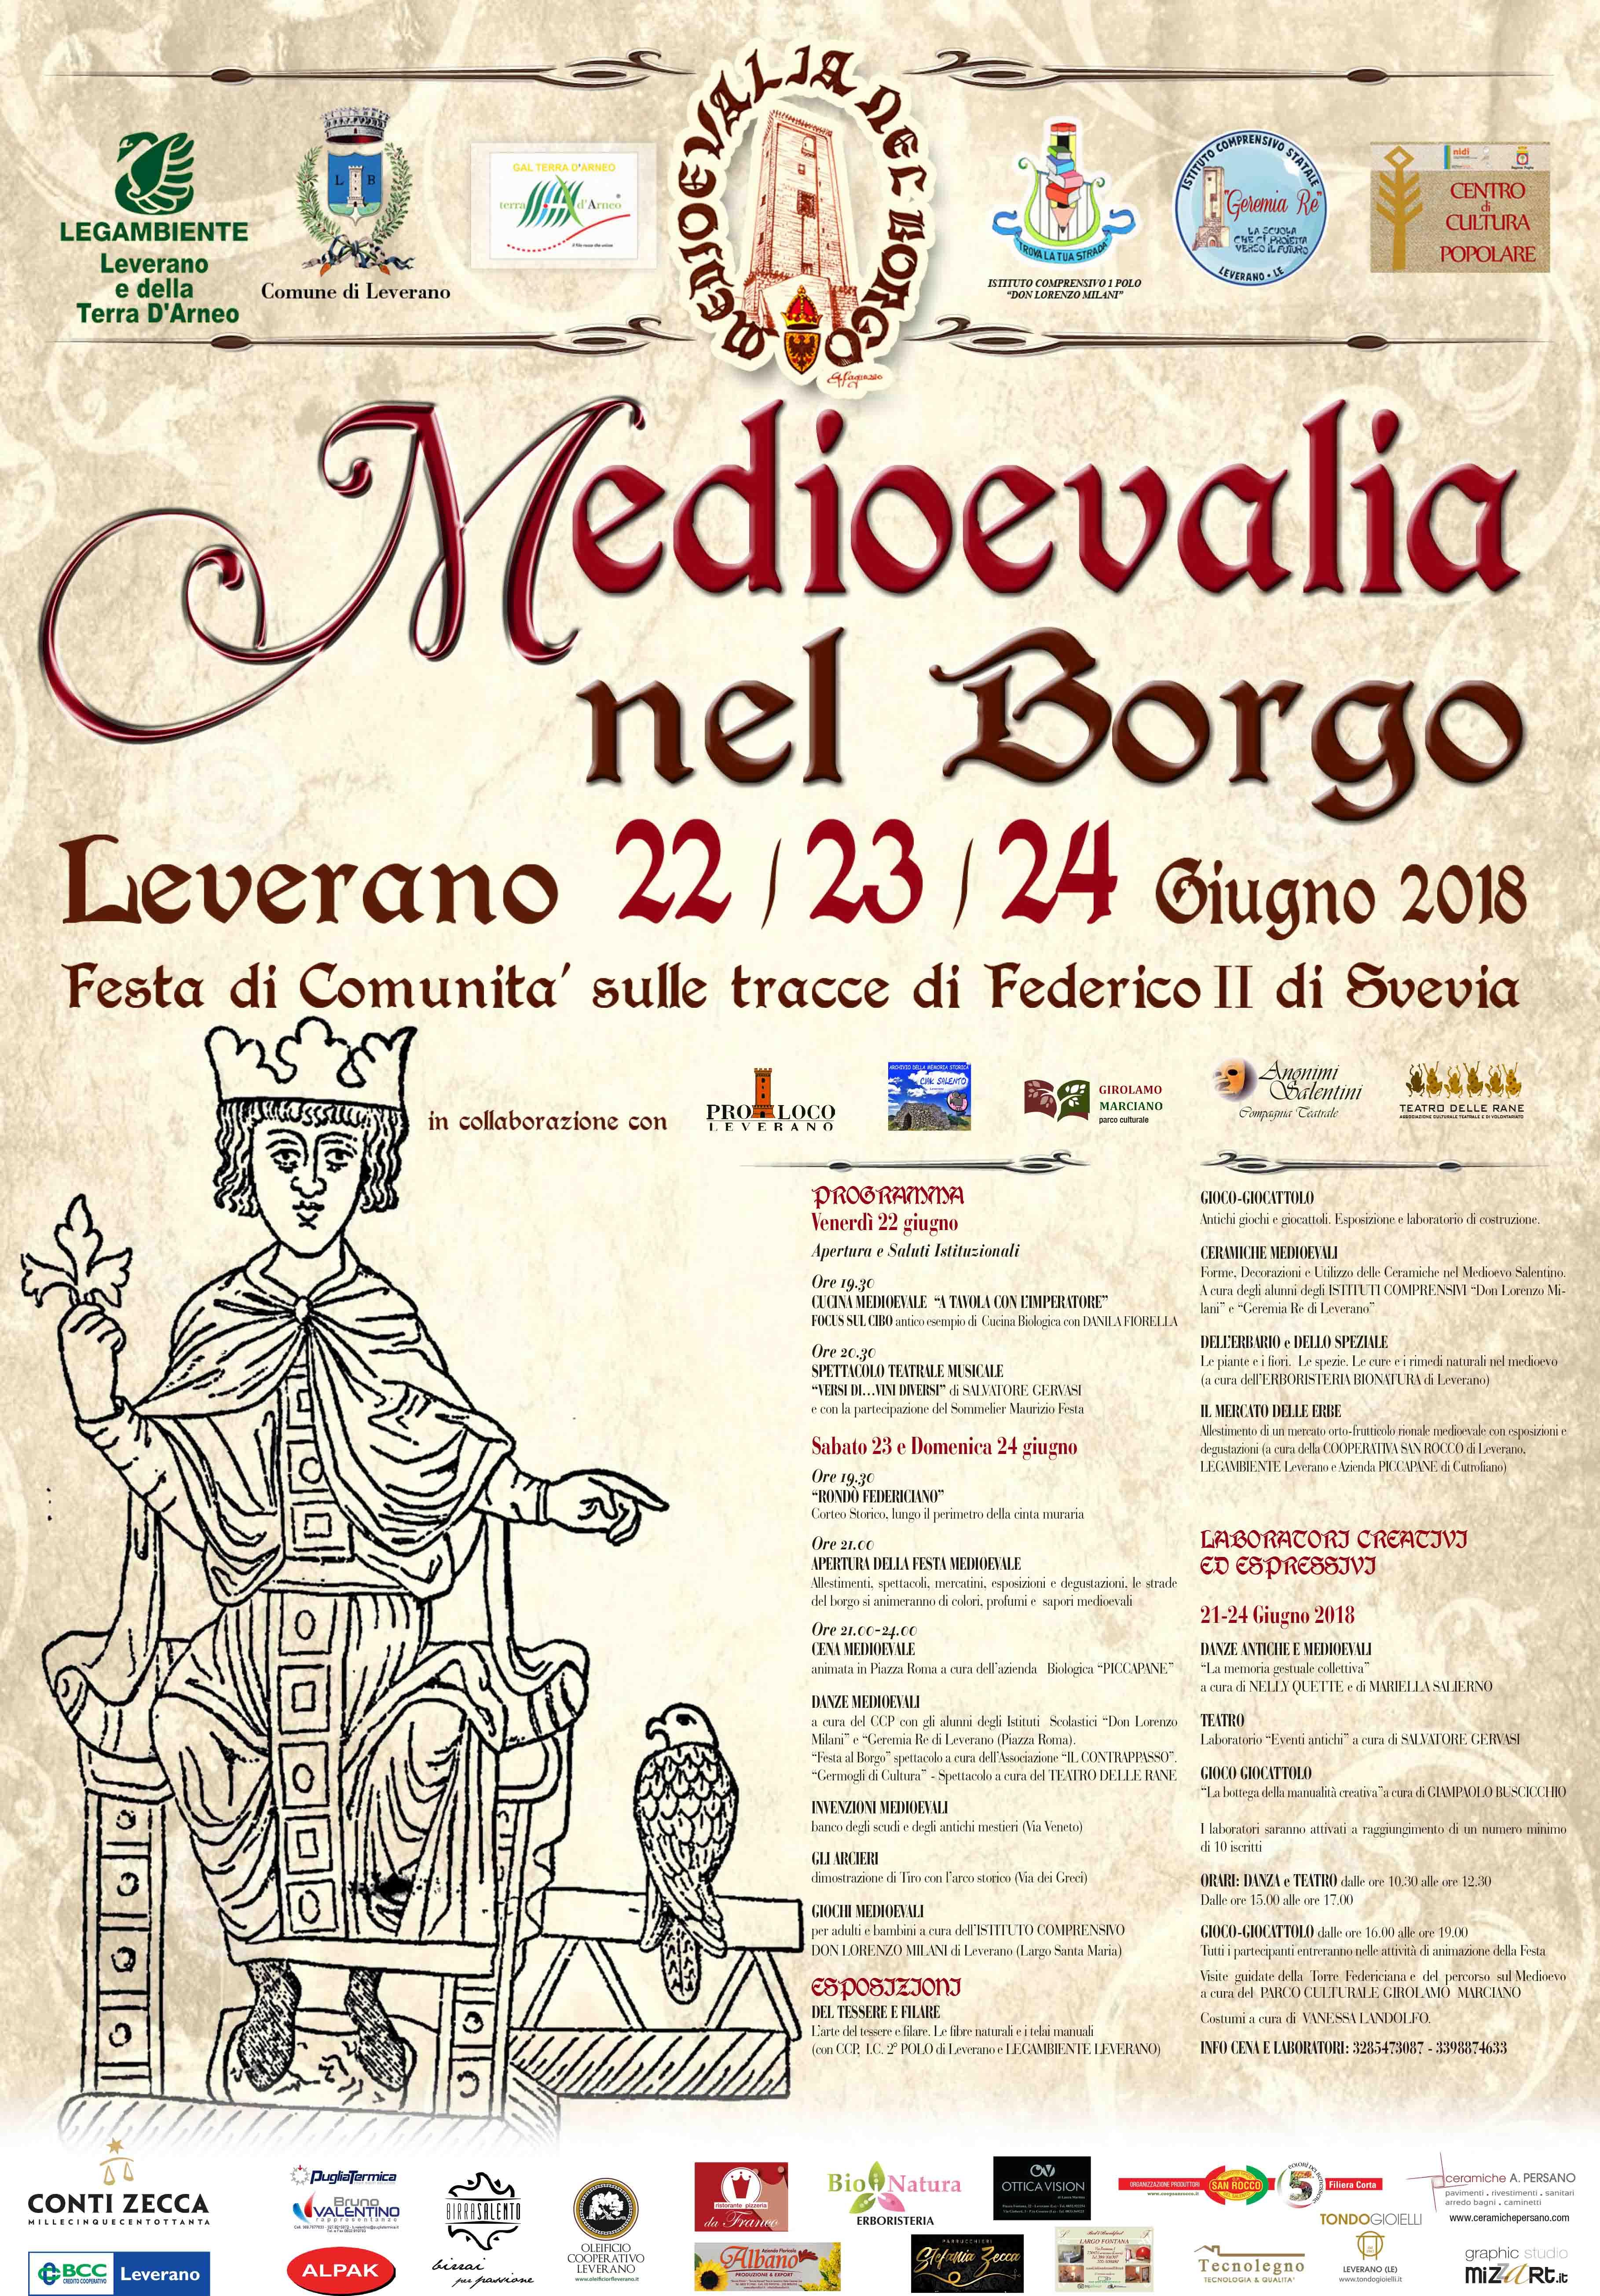 Medioevalia nel borgo: festa di comunità sulle tracce di Federico II di Svevia